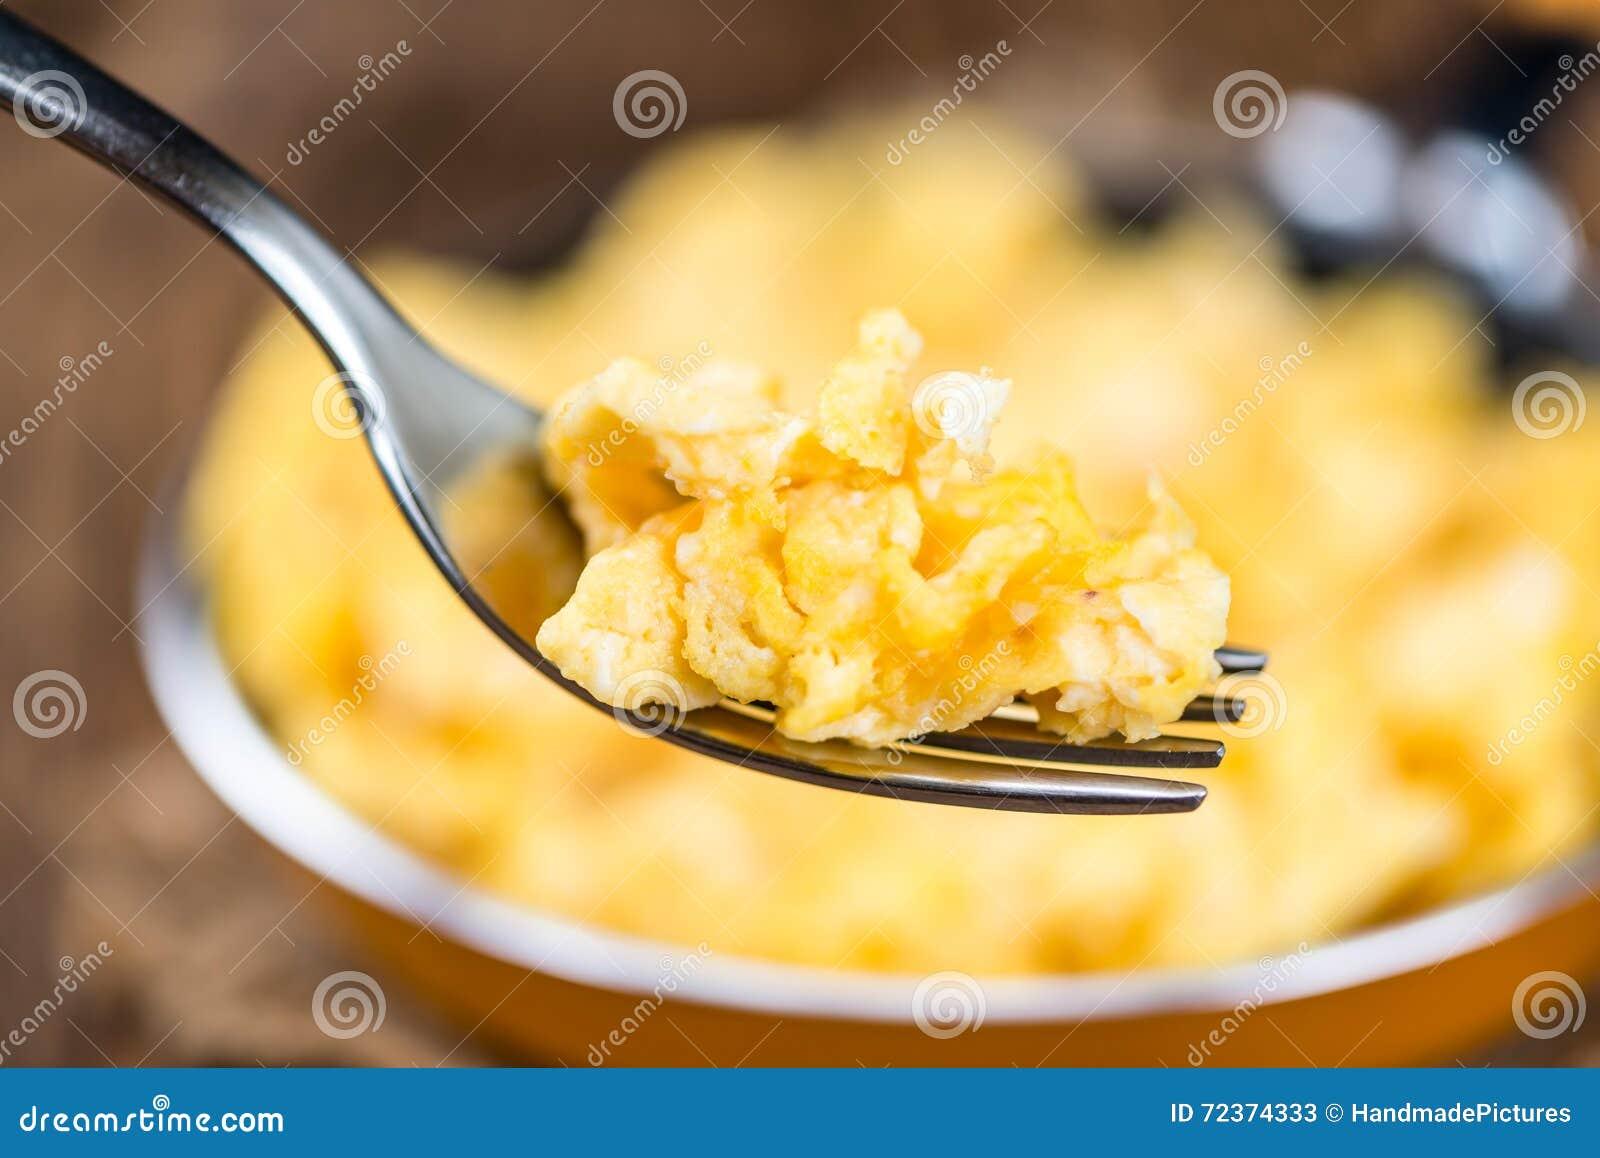 平底锅用炒蛋(选择聚焦)